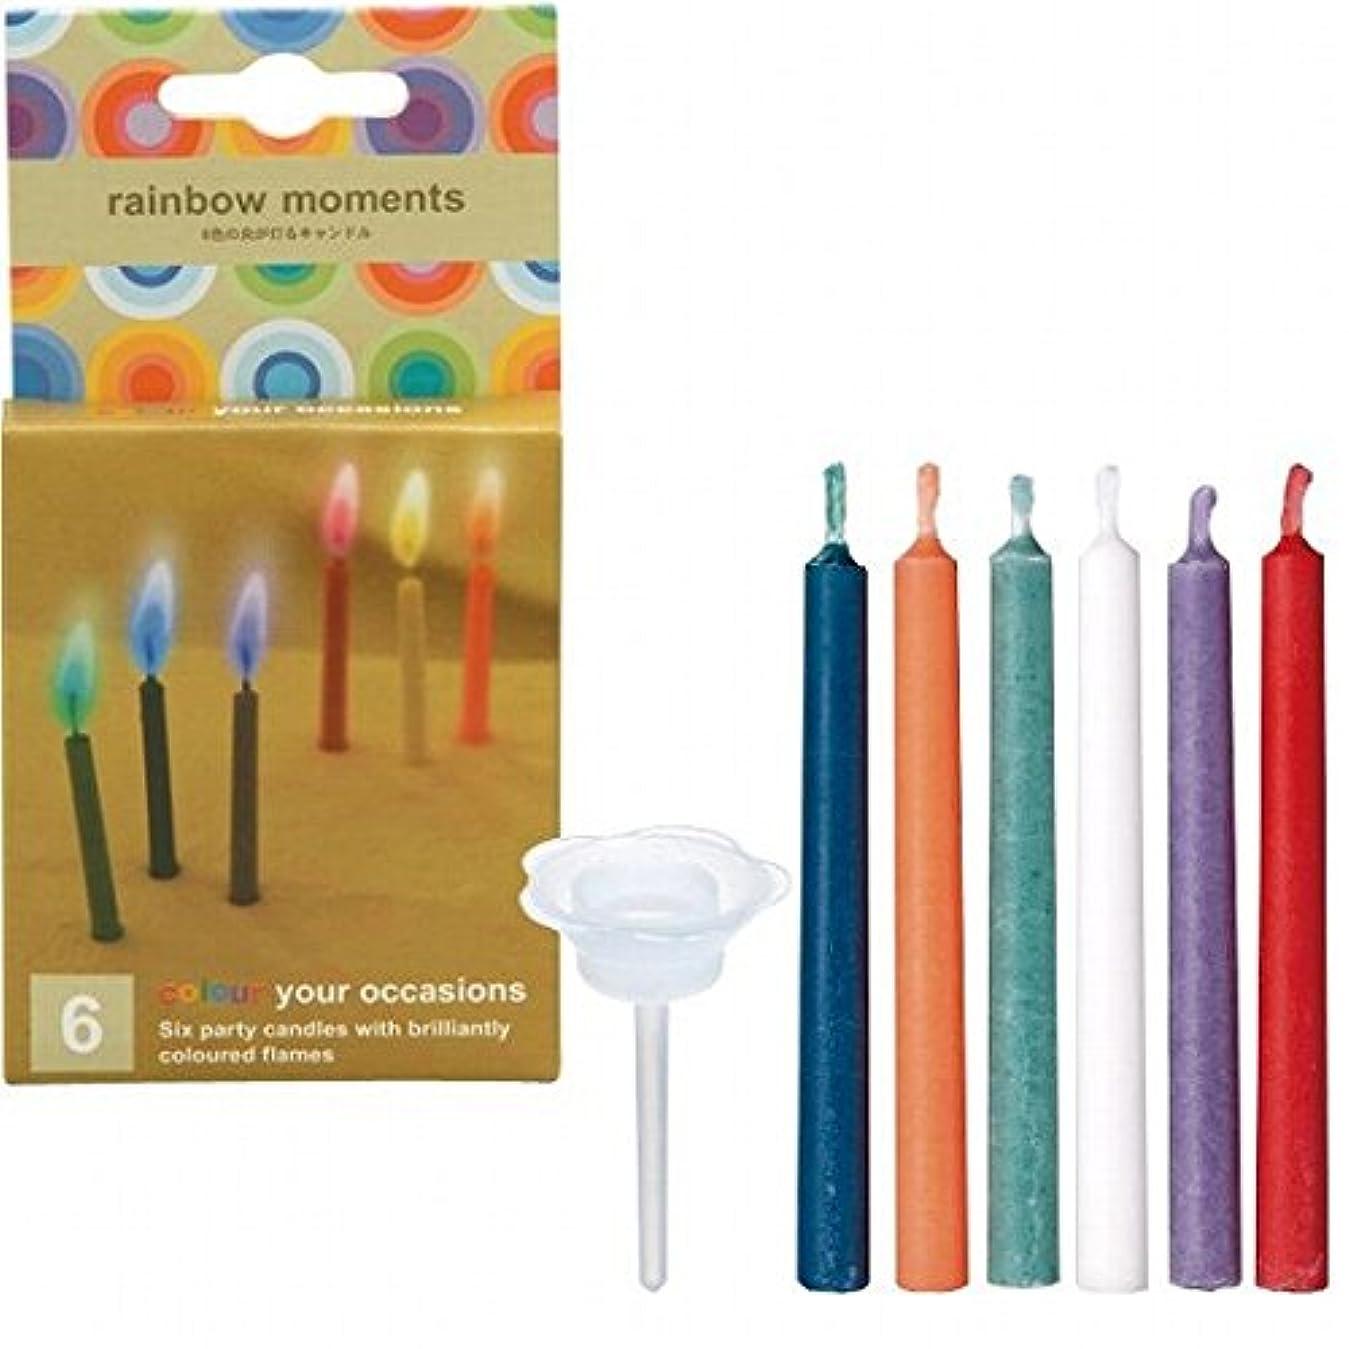 飲料トレッド落胆するカメヤマキャンドル( kameyama candle ) rainbowmoments(レインボーモーメント)6色6本入り 「 6本入り 」 キャンドル